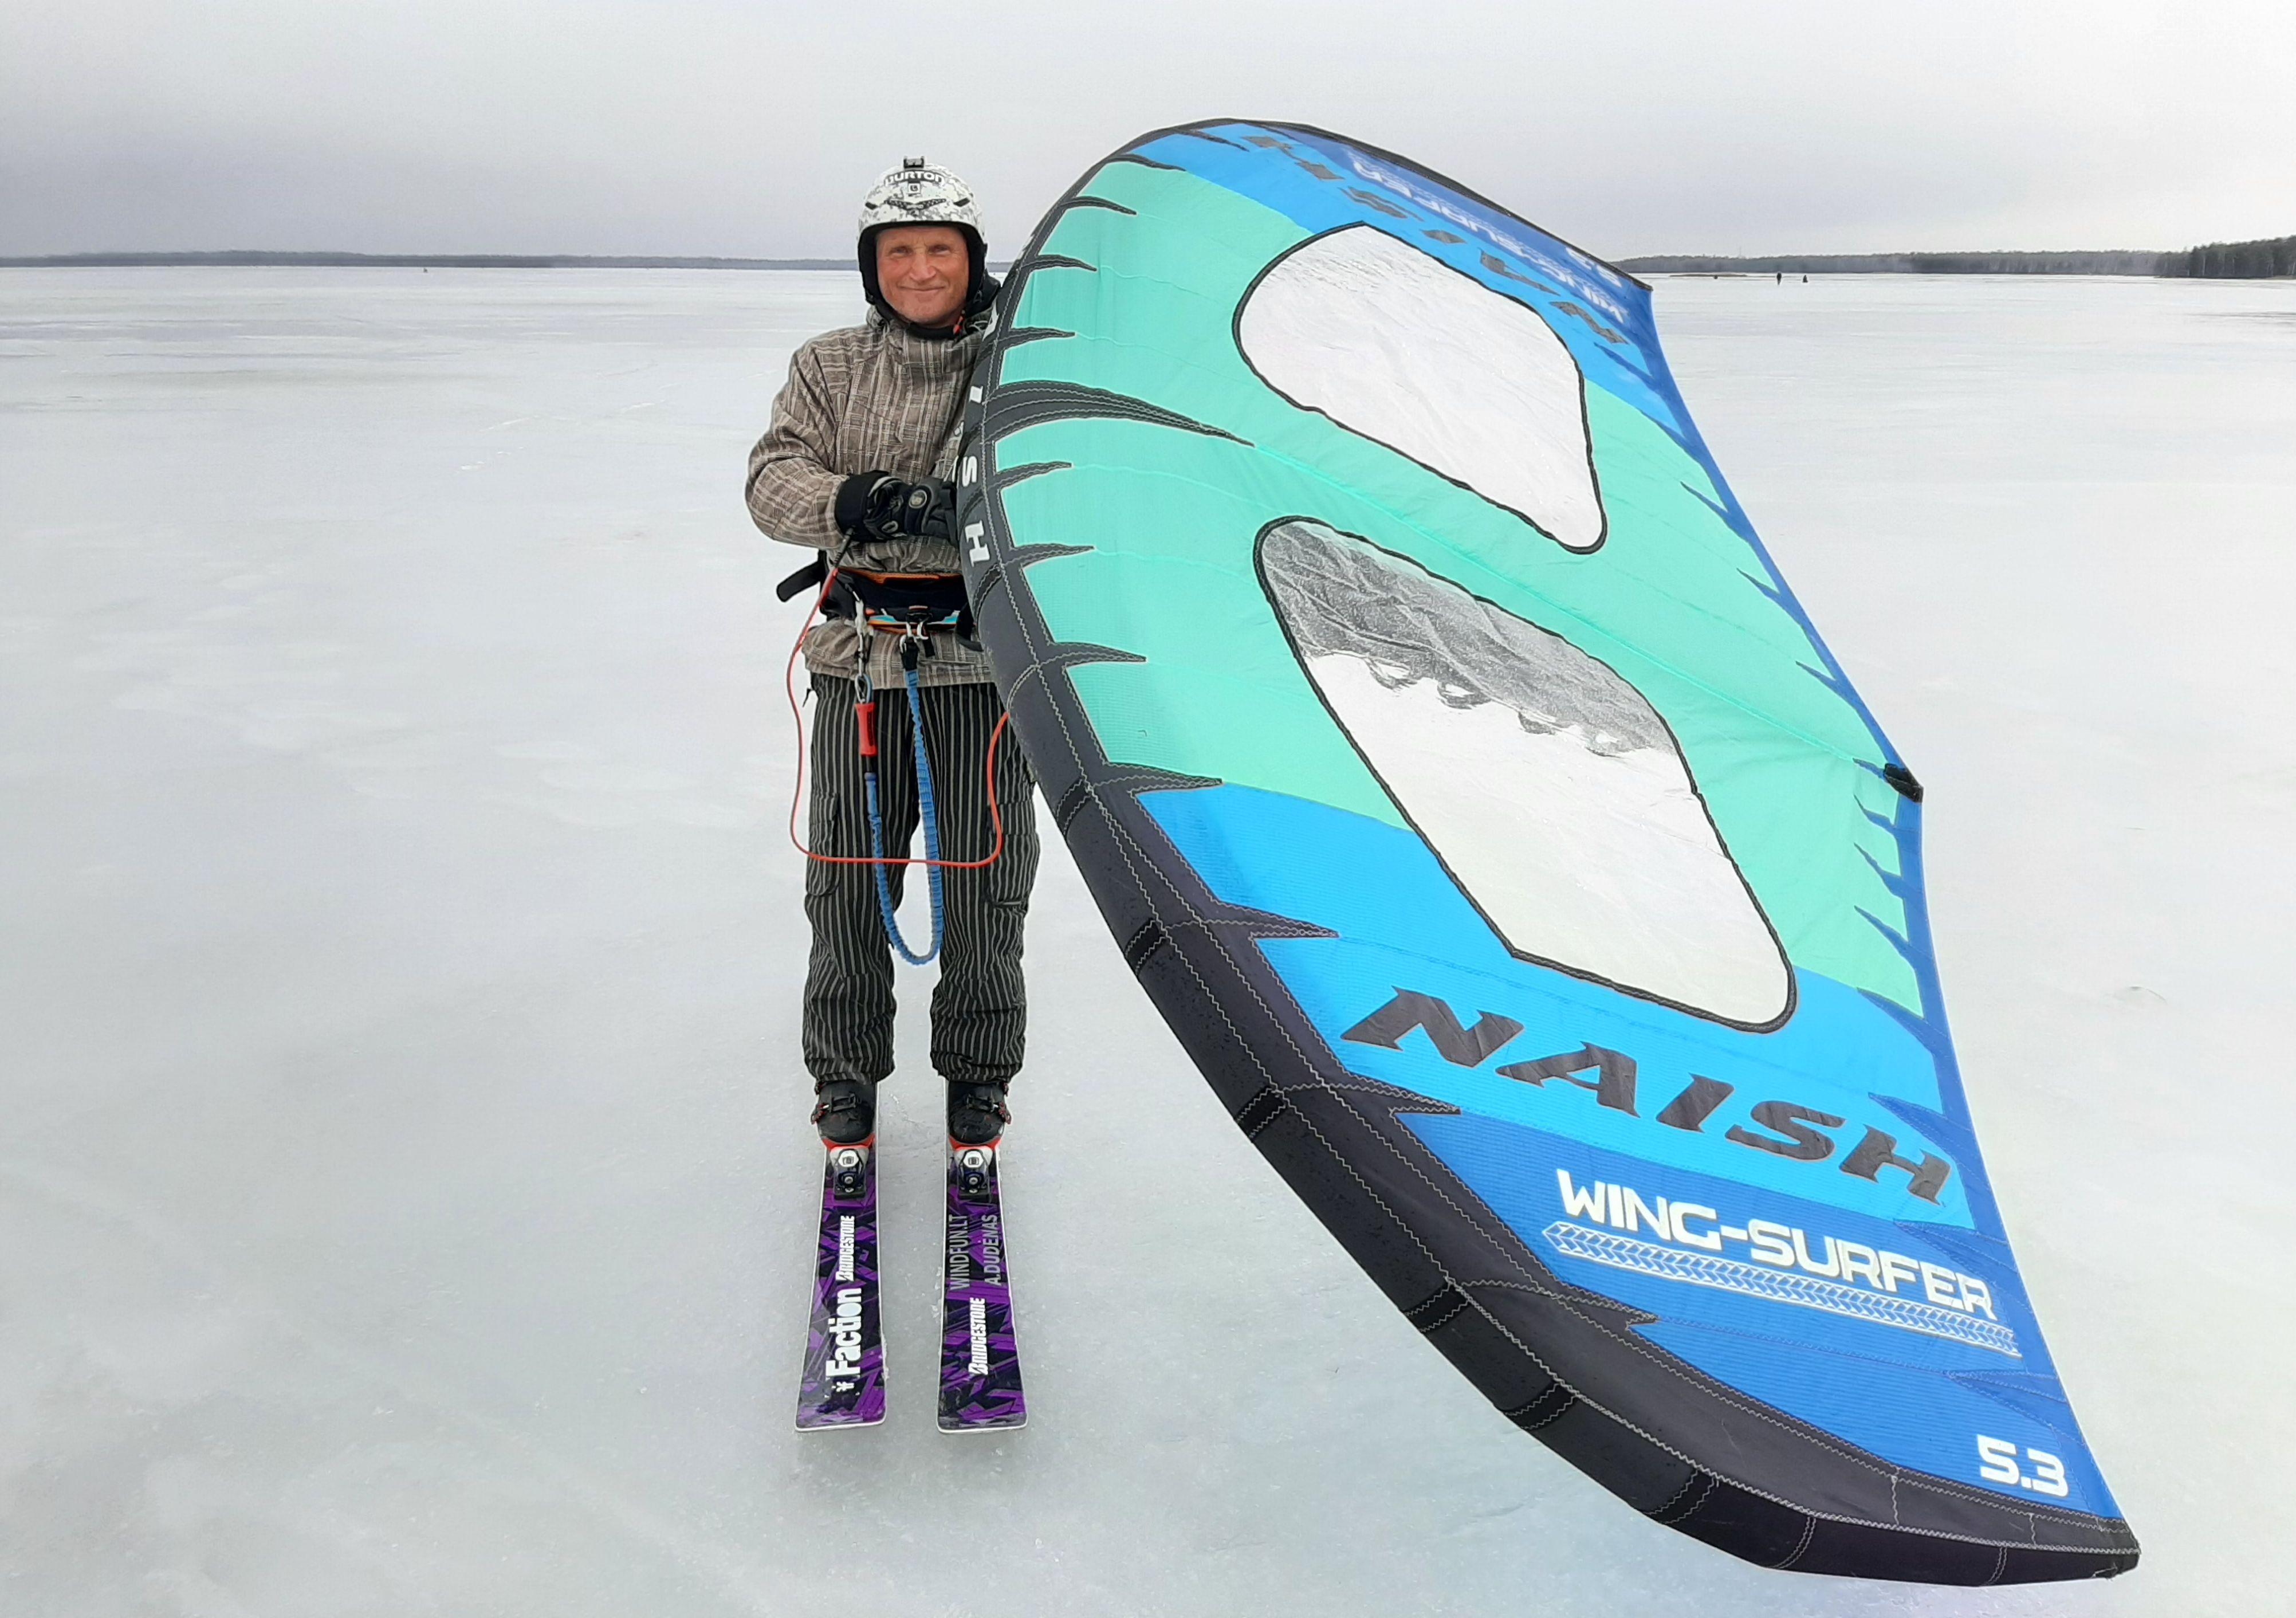 Artūras Dudėnas #144 S25 Naish Wing-surfer max speed 51,3km/h Europe